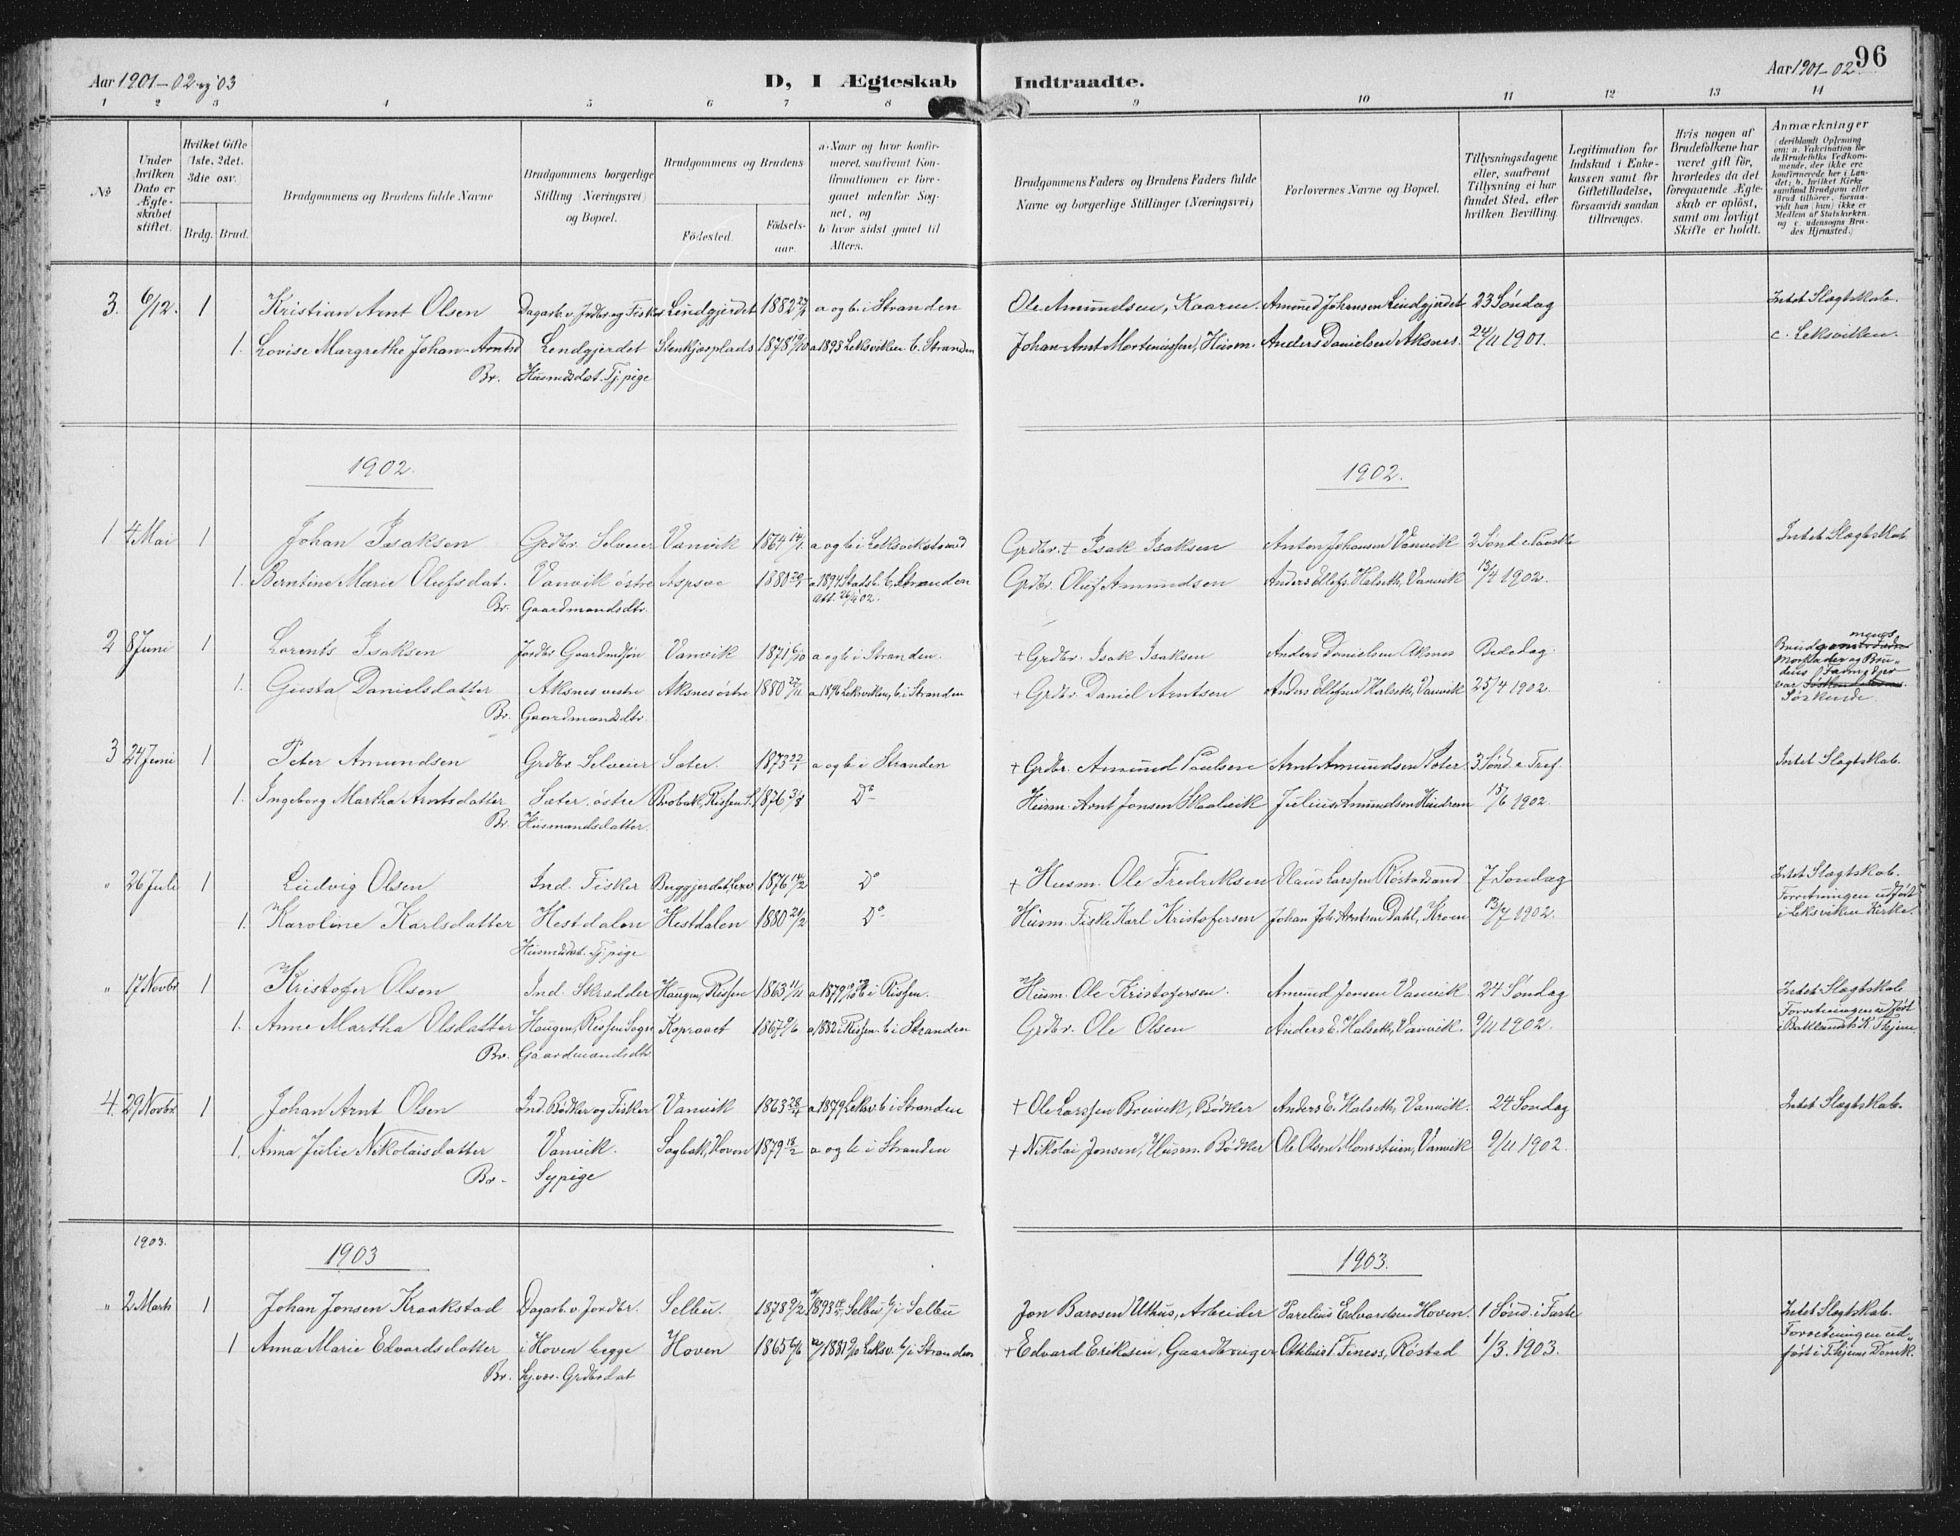 SAT, Ministerialprotokoller, klokkerbøker og fødselsregistre - Nord-Trøndelag, 702/L0024: Ministerialbok nr. 702A02, 1898-1914, s. 96